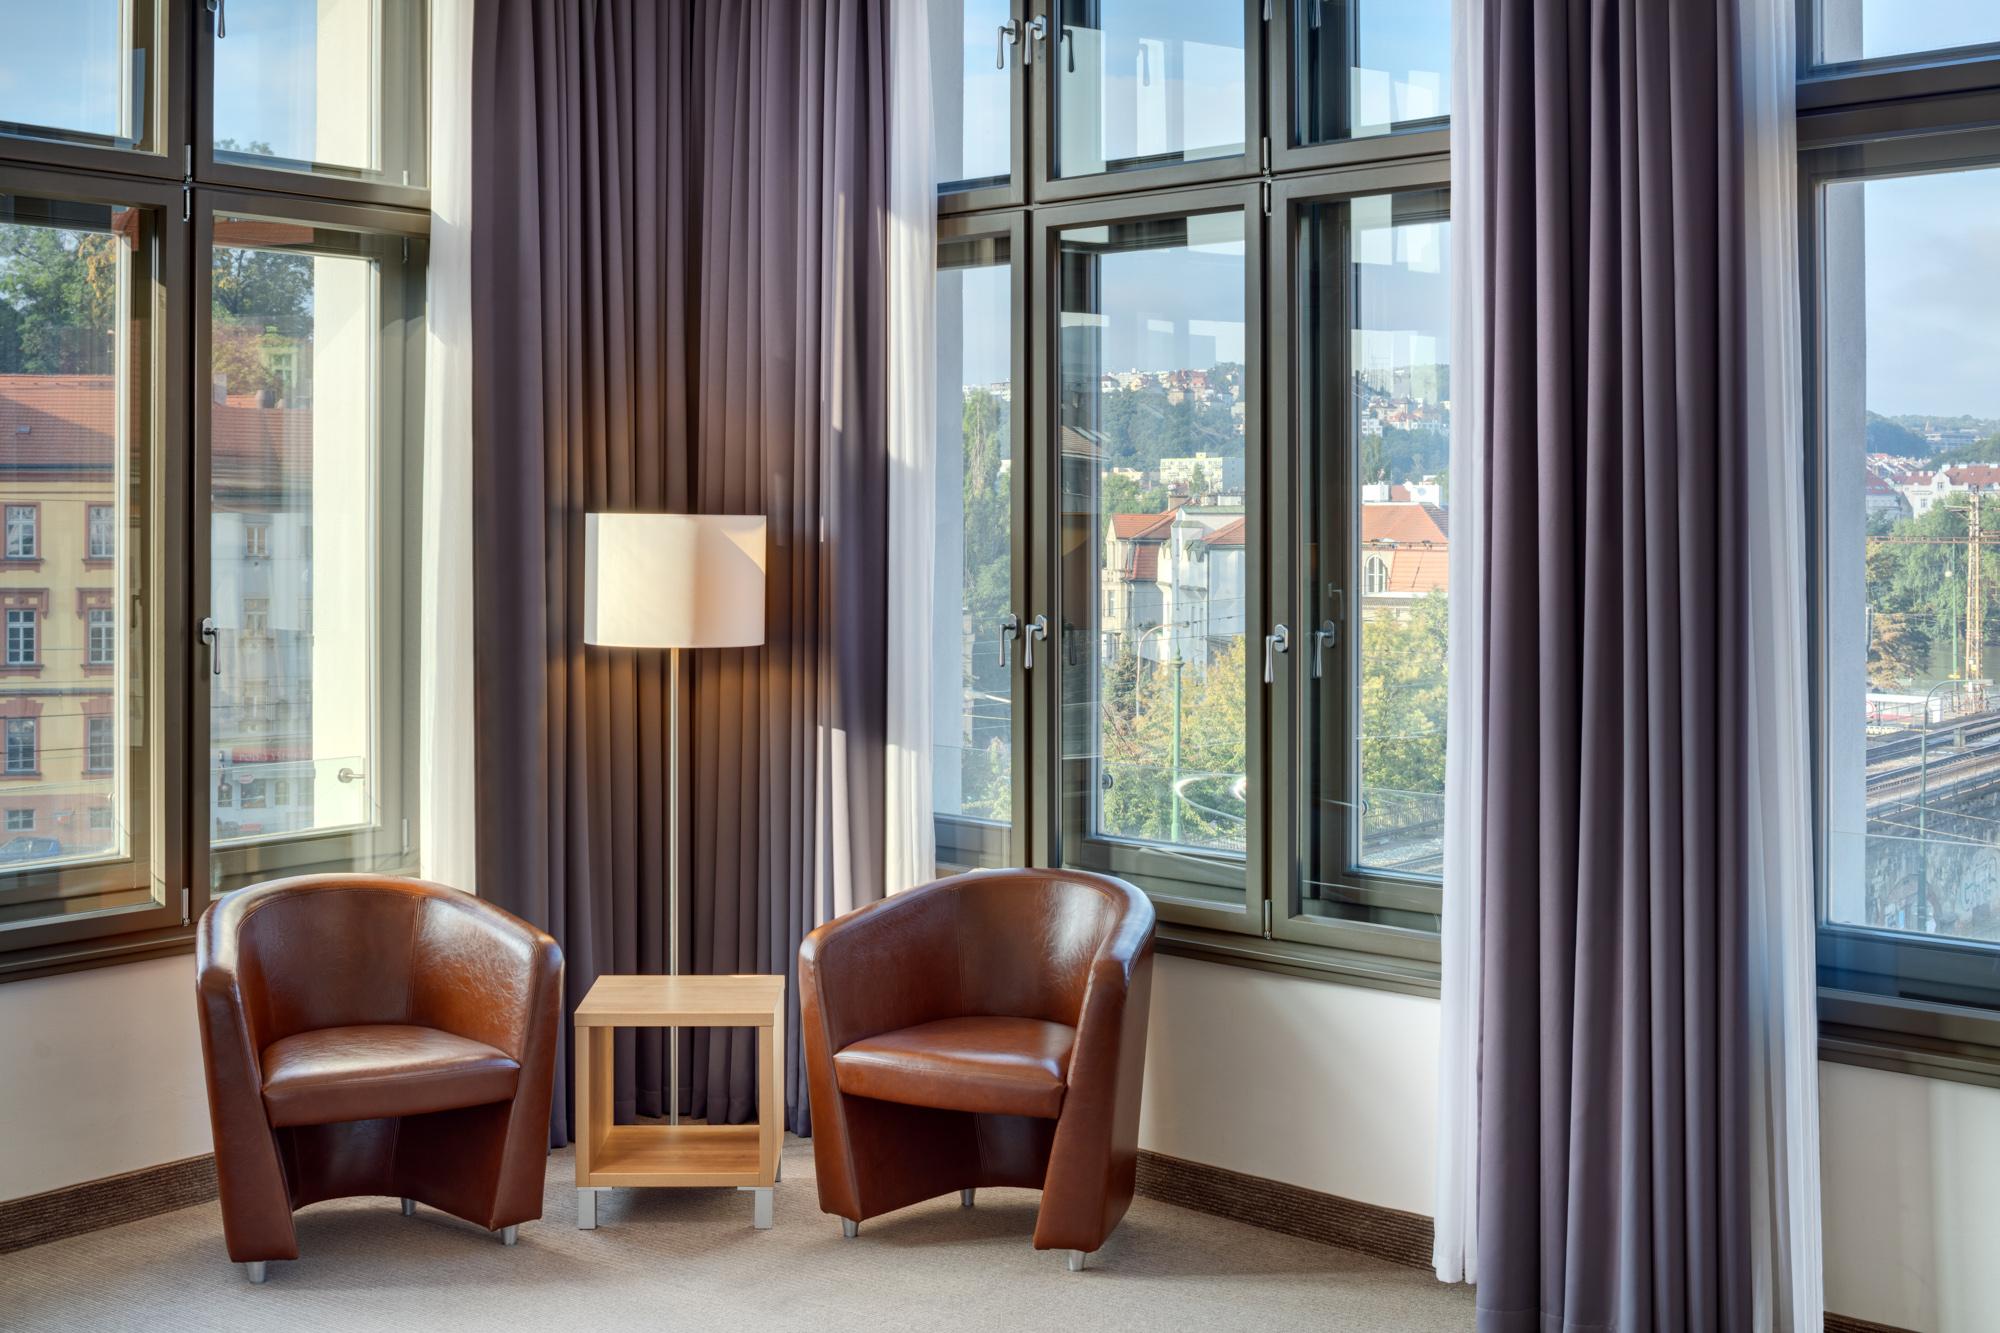 Hermitage Hotel Prague